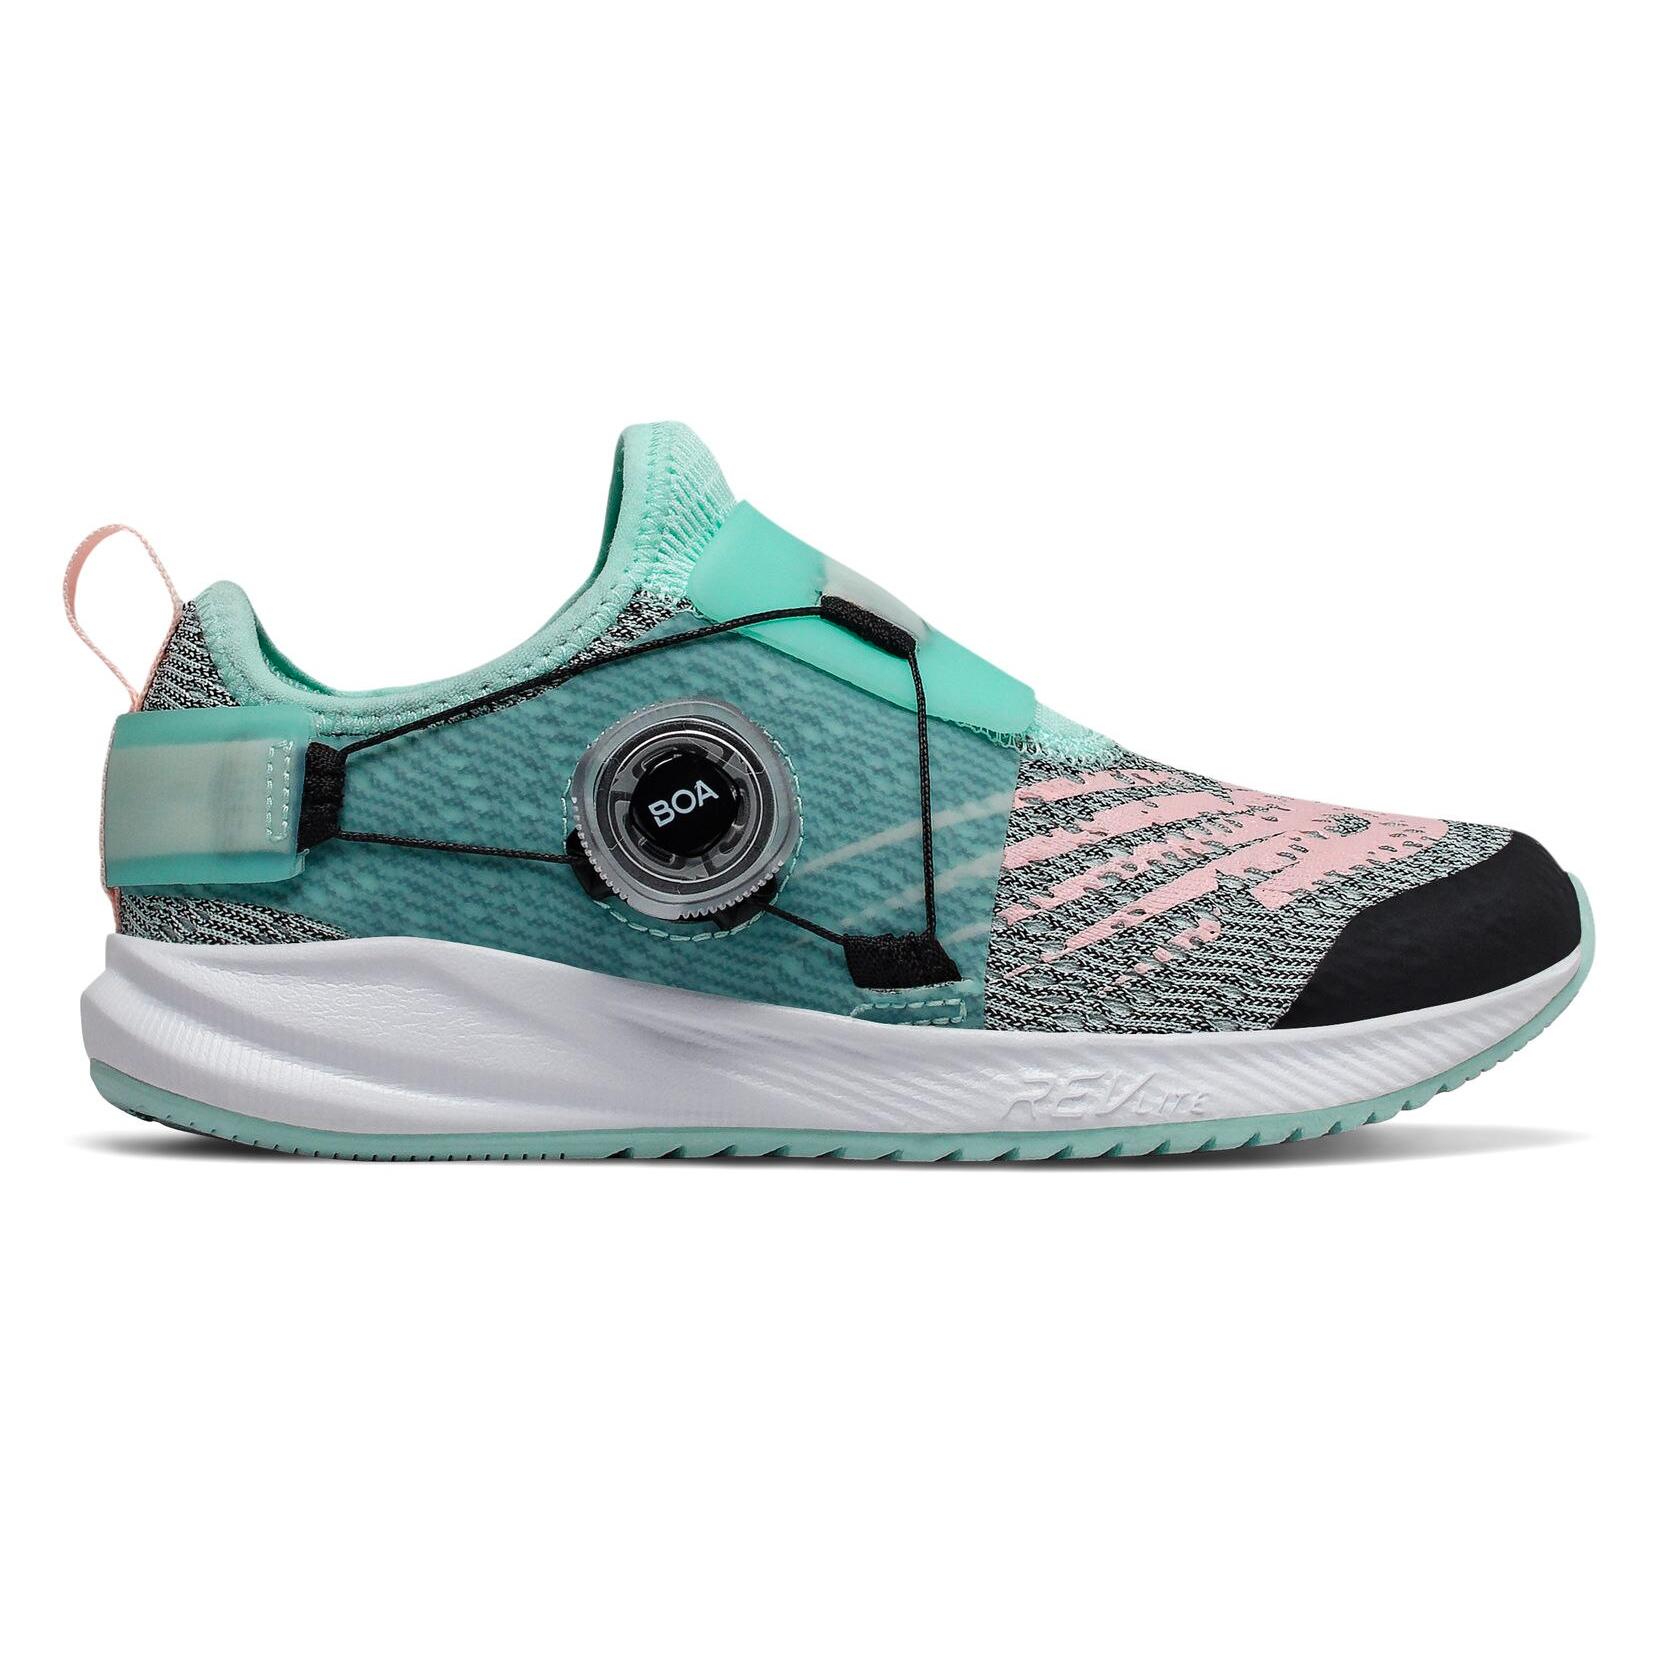 NB Fuelcore Revel Boa   ShoeStores.com